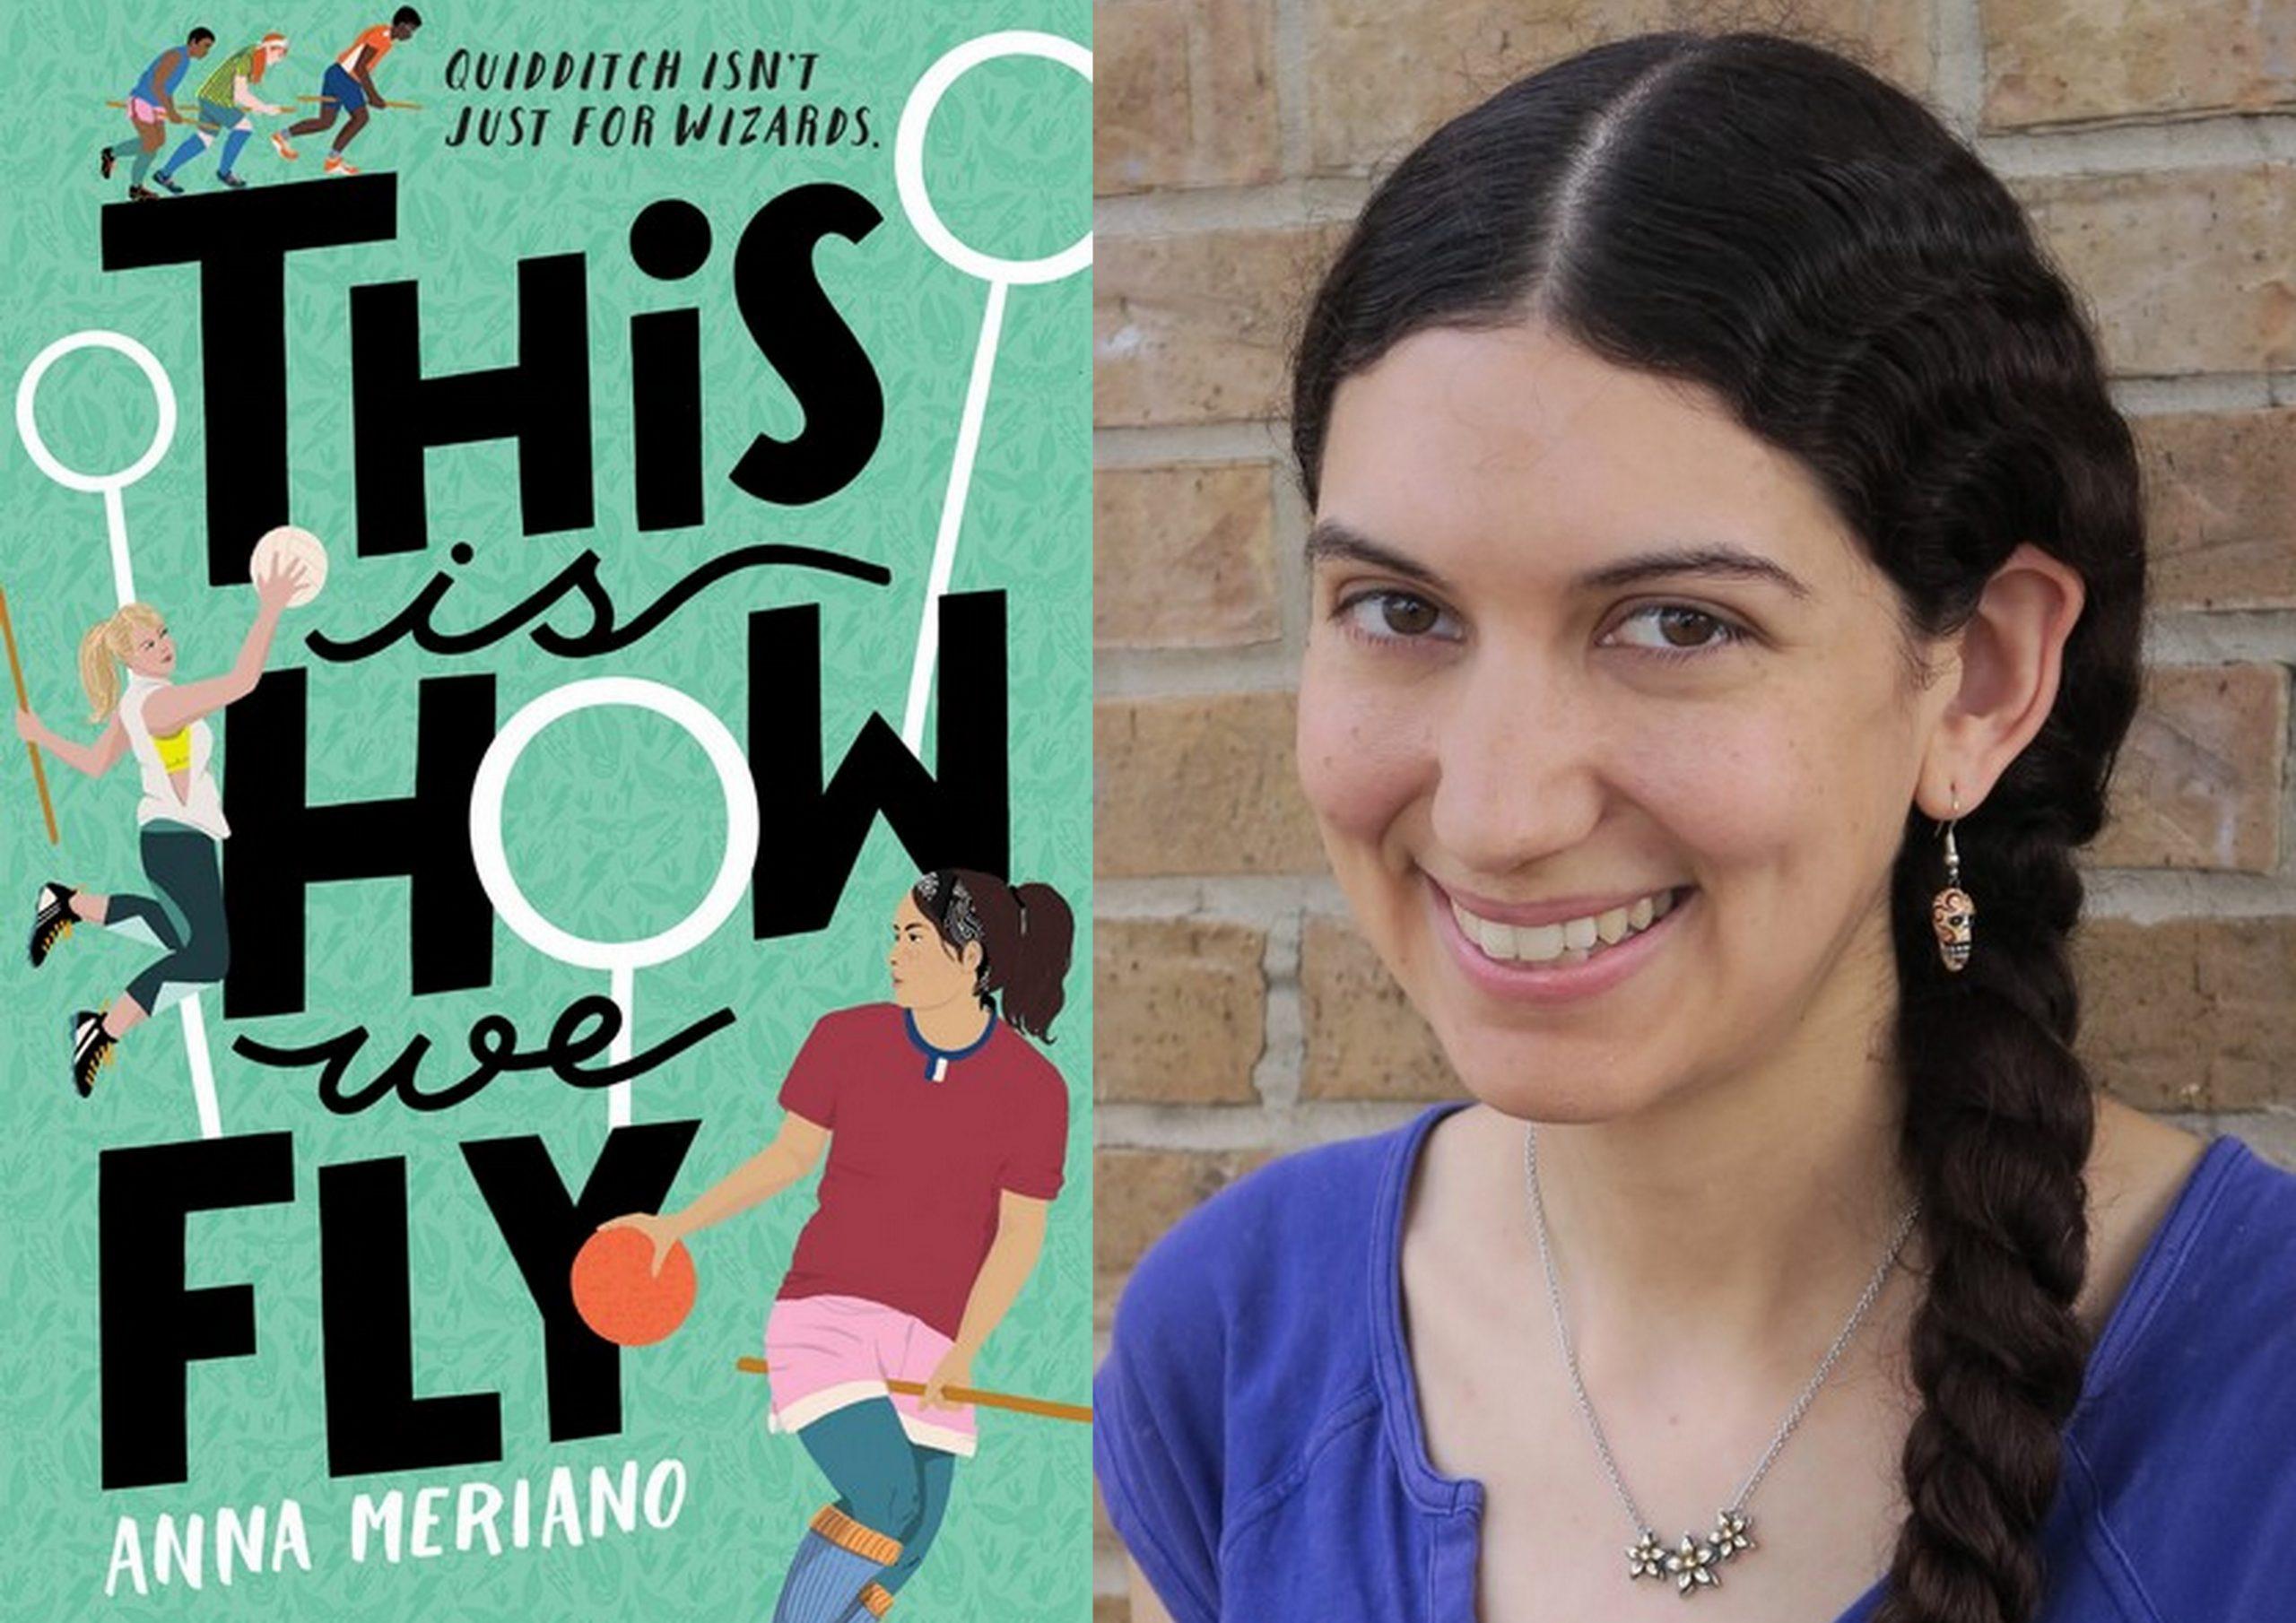 """Obrázek je rozdělen do dvou polí - vlevo je obálka knihy """"This Is How We Fly"""" a vpravo fotografie obličeje Anny, která má přehozený dlouhý cop tmavohnědých vlasů přes levé rameno, má na sobě tmavomodré tričko a stříbrný řetízek kolem krku. Usmívá se na diváka. Za ní je cihlovaná zeď."""